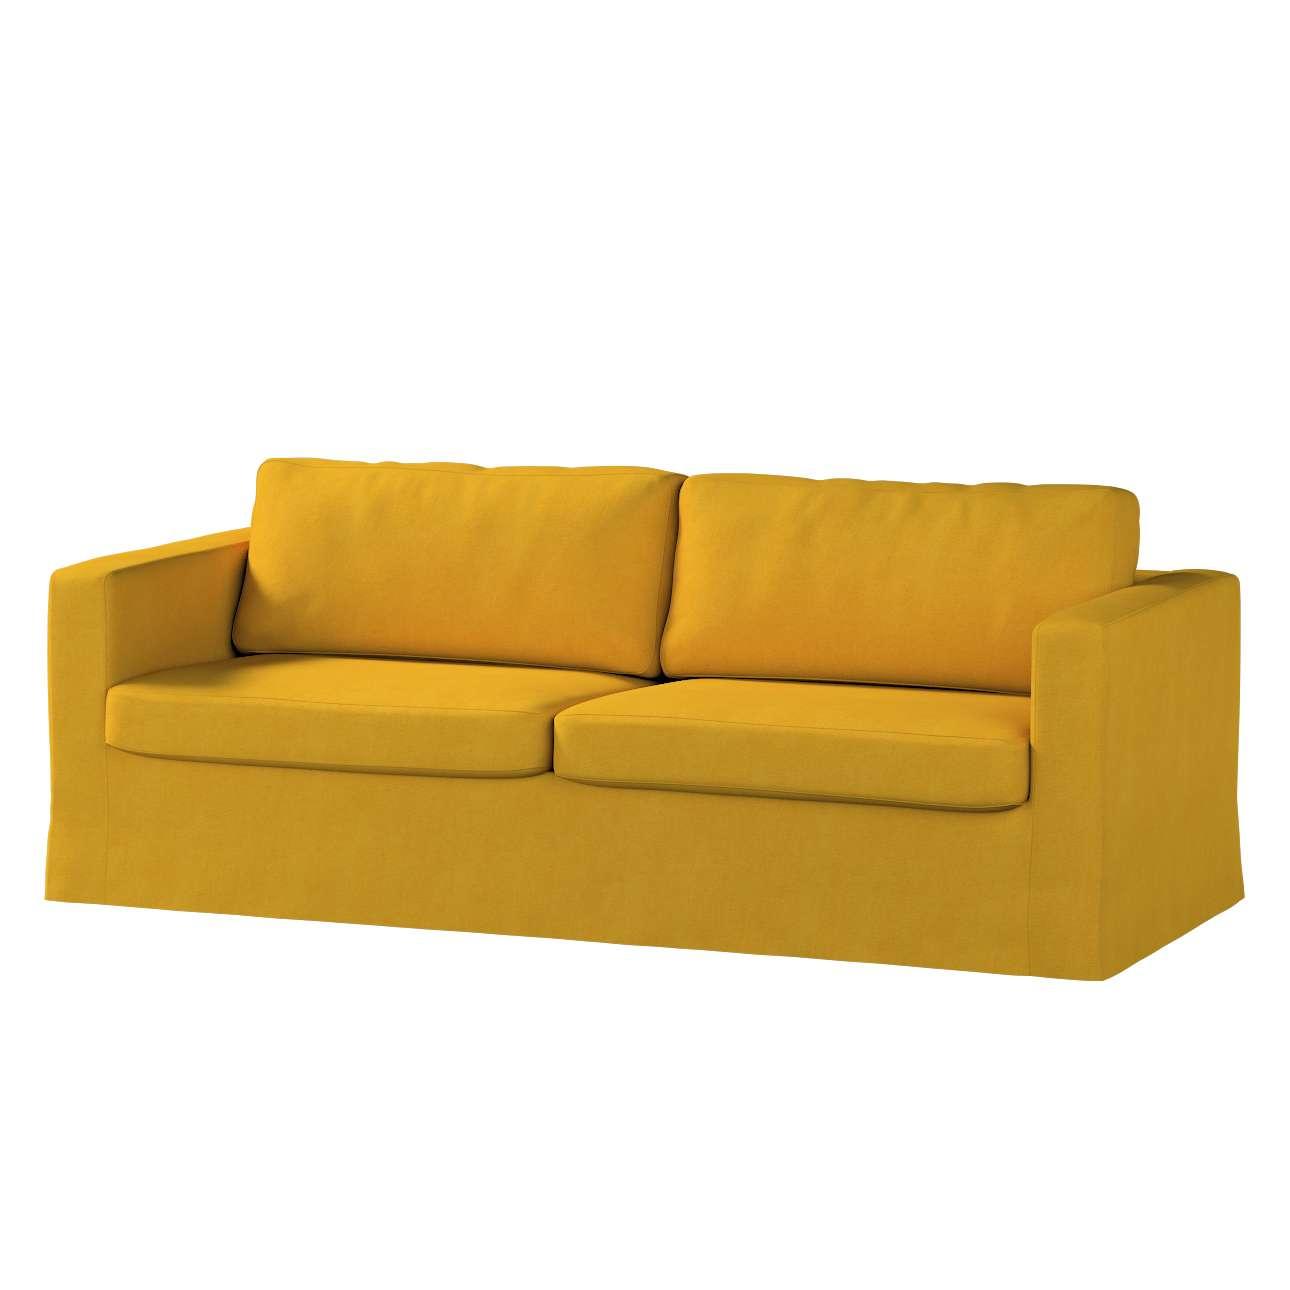 Karlstad klädsel 3-pers. soffa -  lång - 204cm i kollektionen Etna, Tyg: 705-04